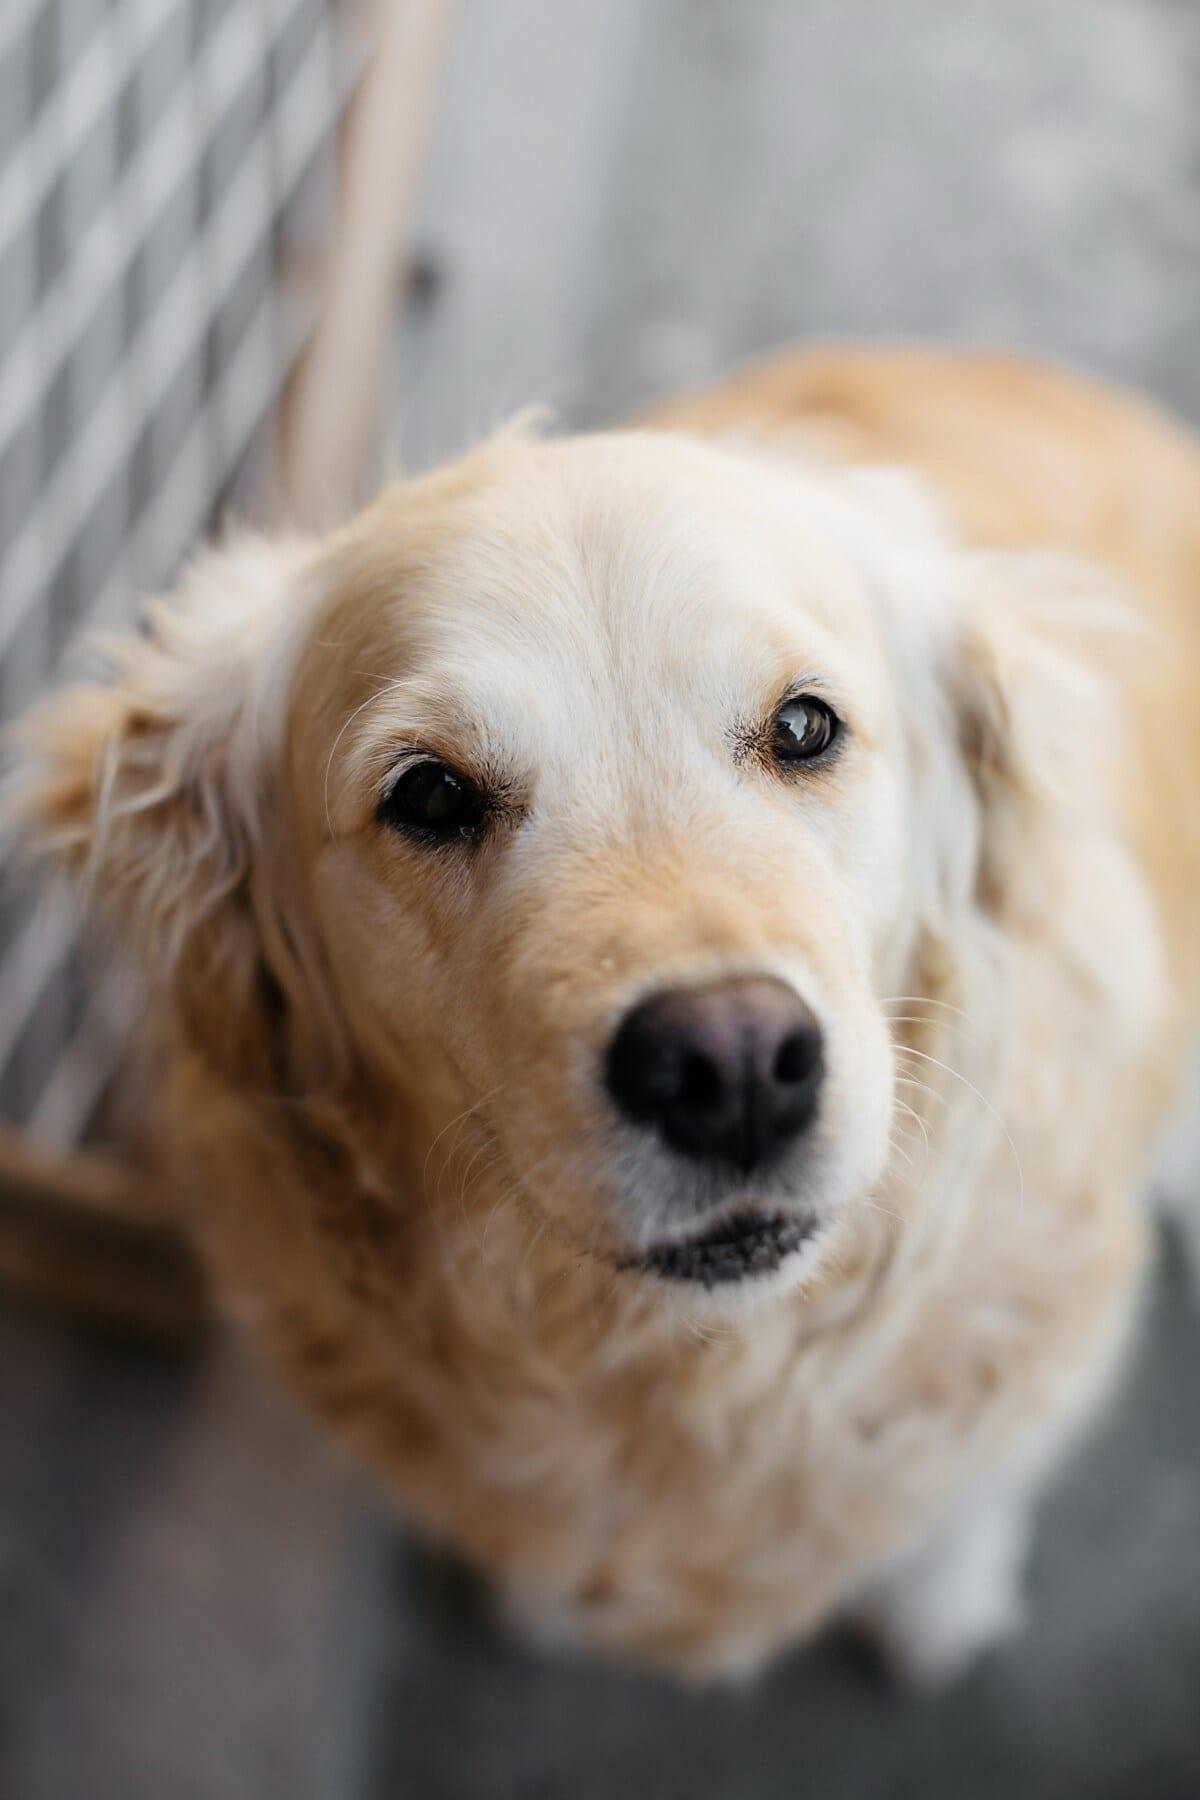 chien, brun clair, adorable, assis, chien de chasse, mignon, chien d'arrêt, fourrure, œil, drôle